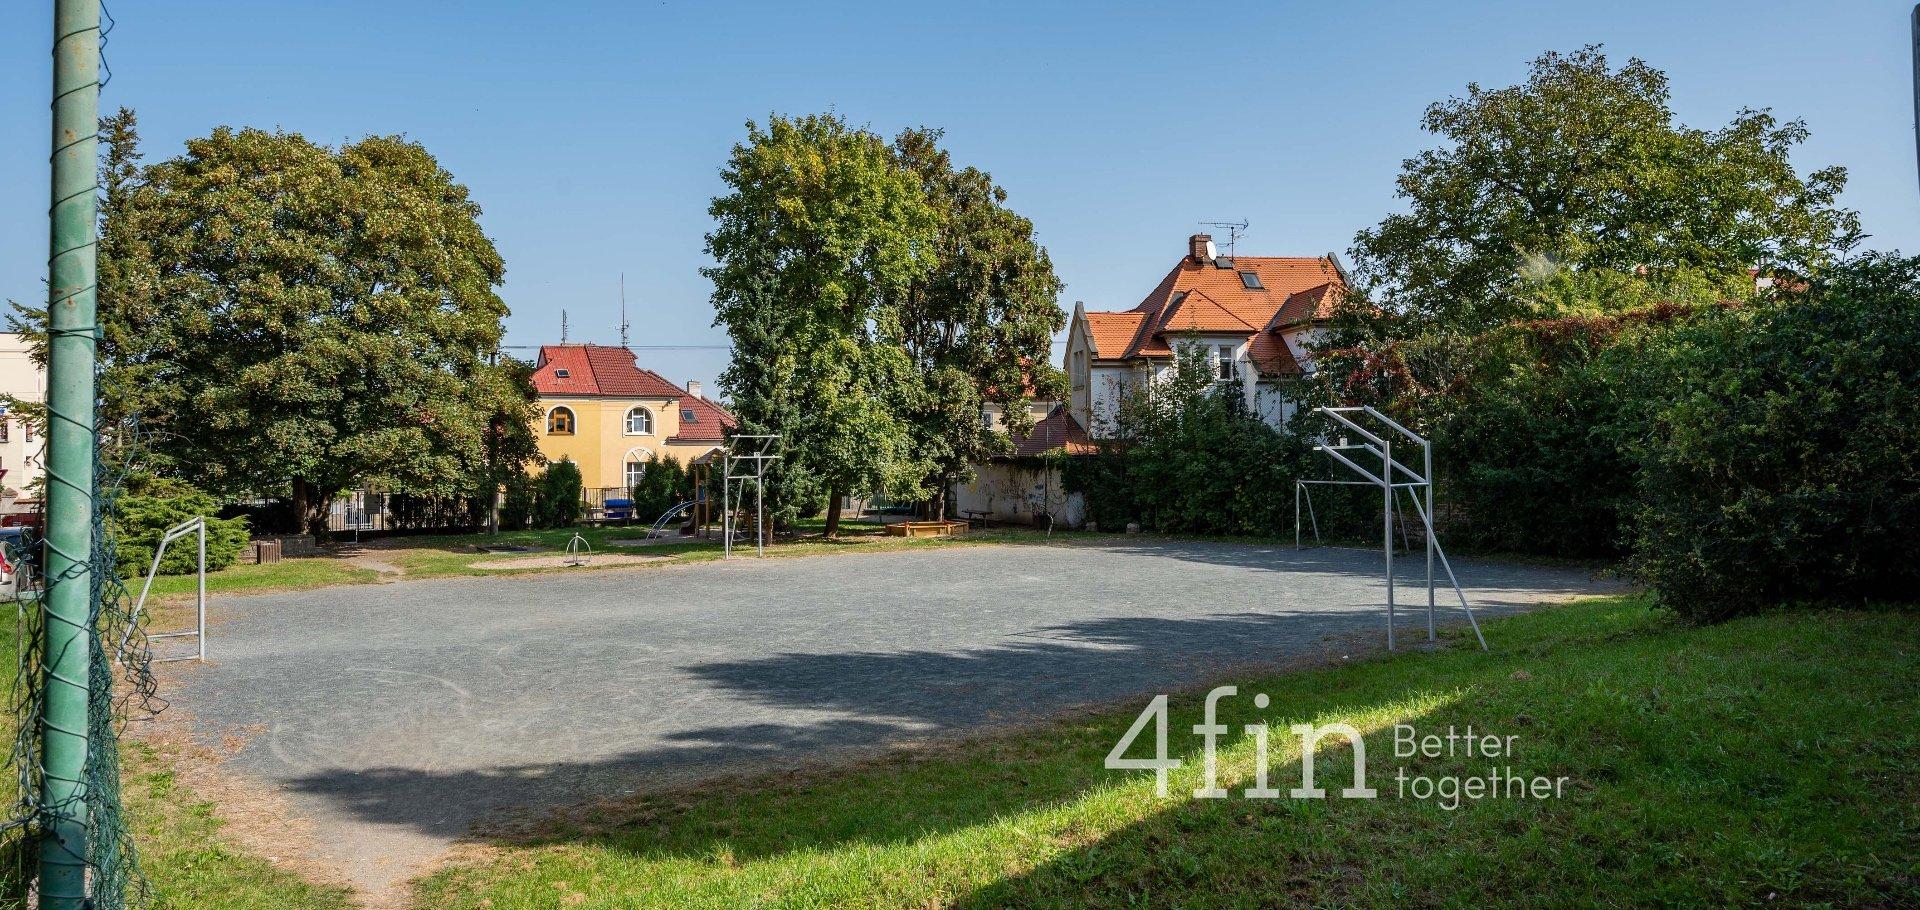 Byt po rekonstrukci, 3+kk, 71m² - Čáslav - Nové Město